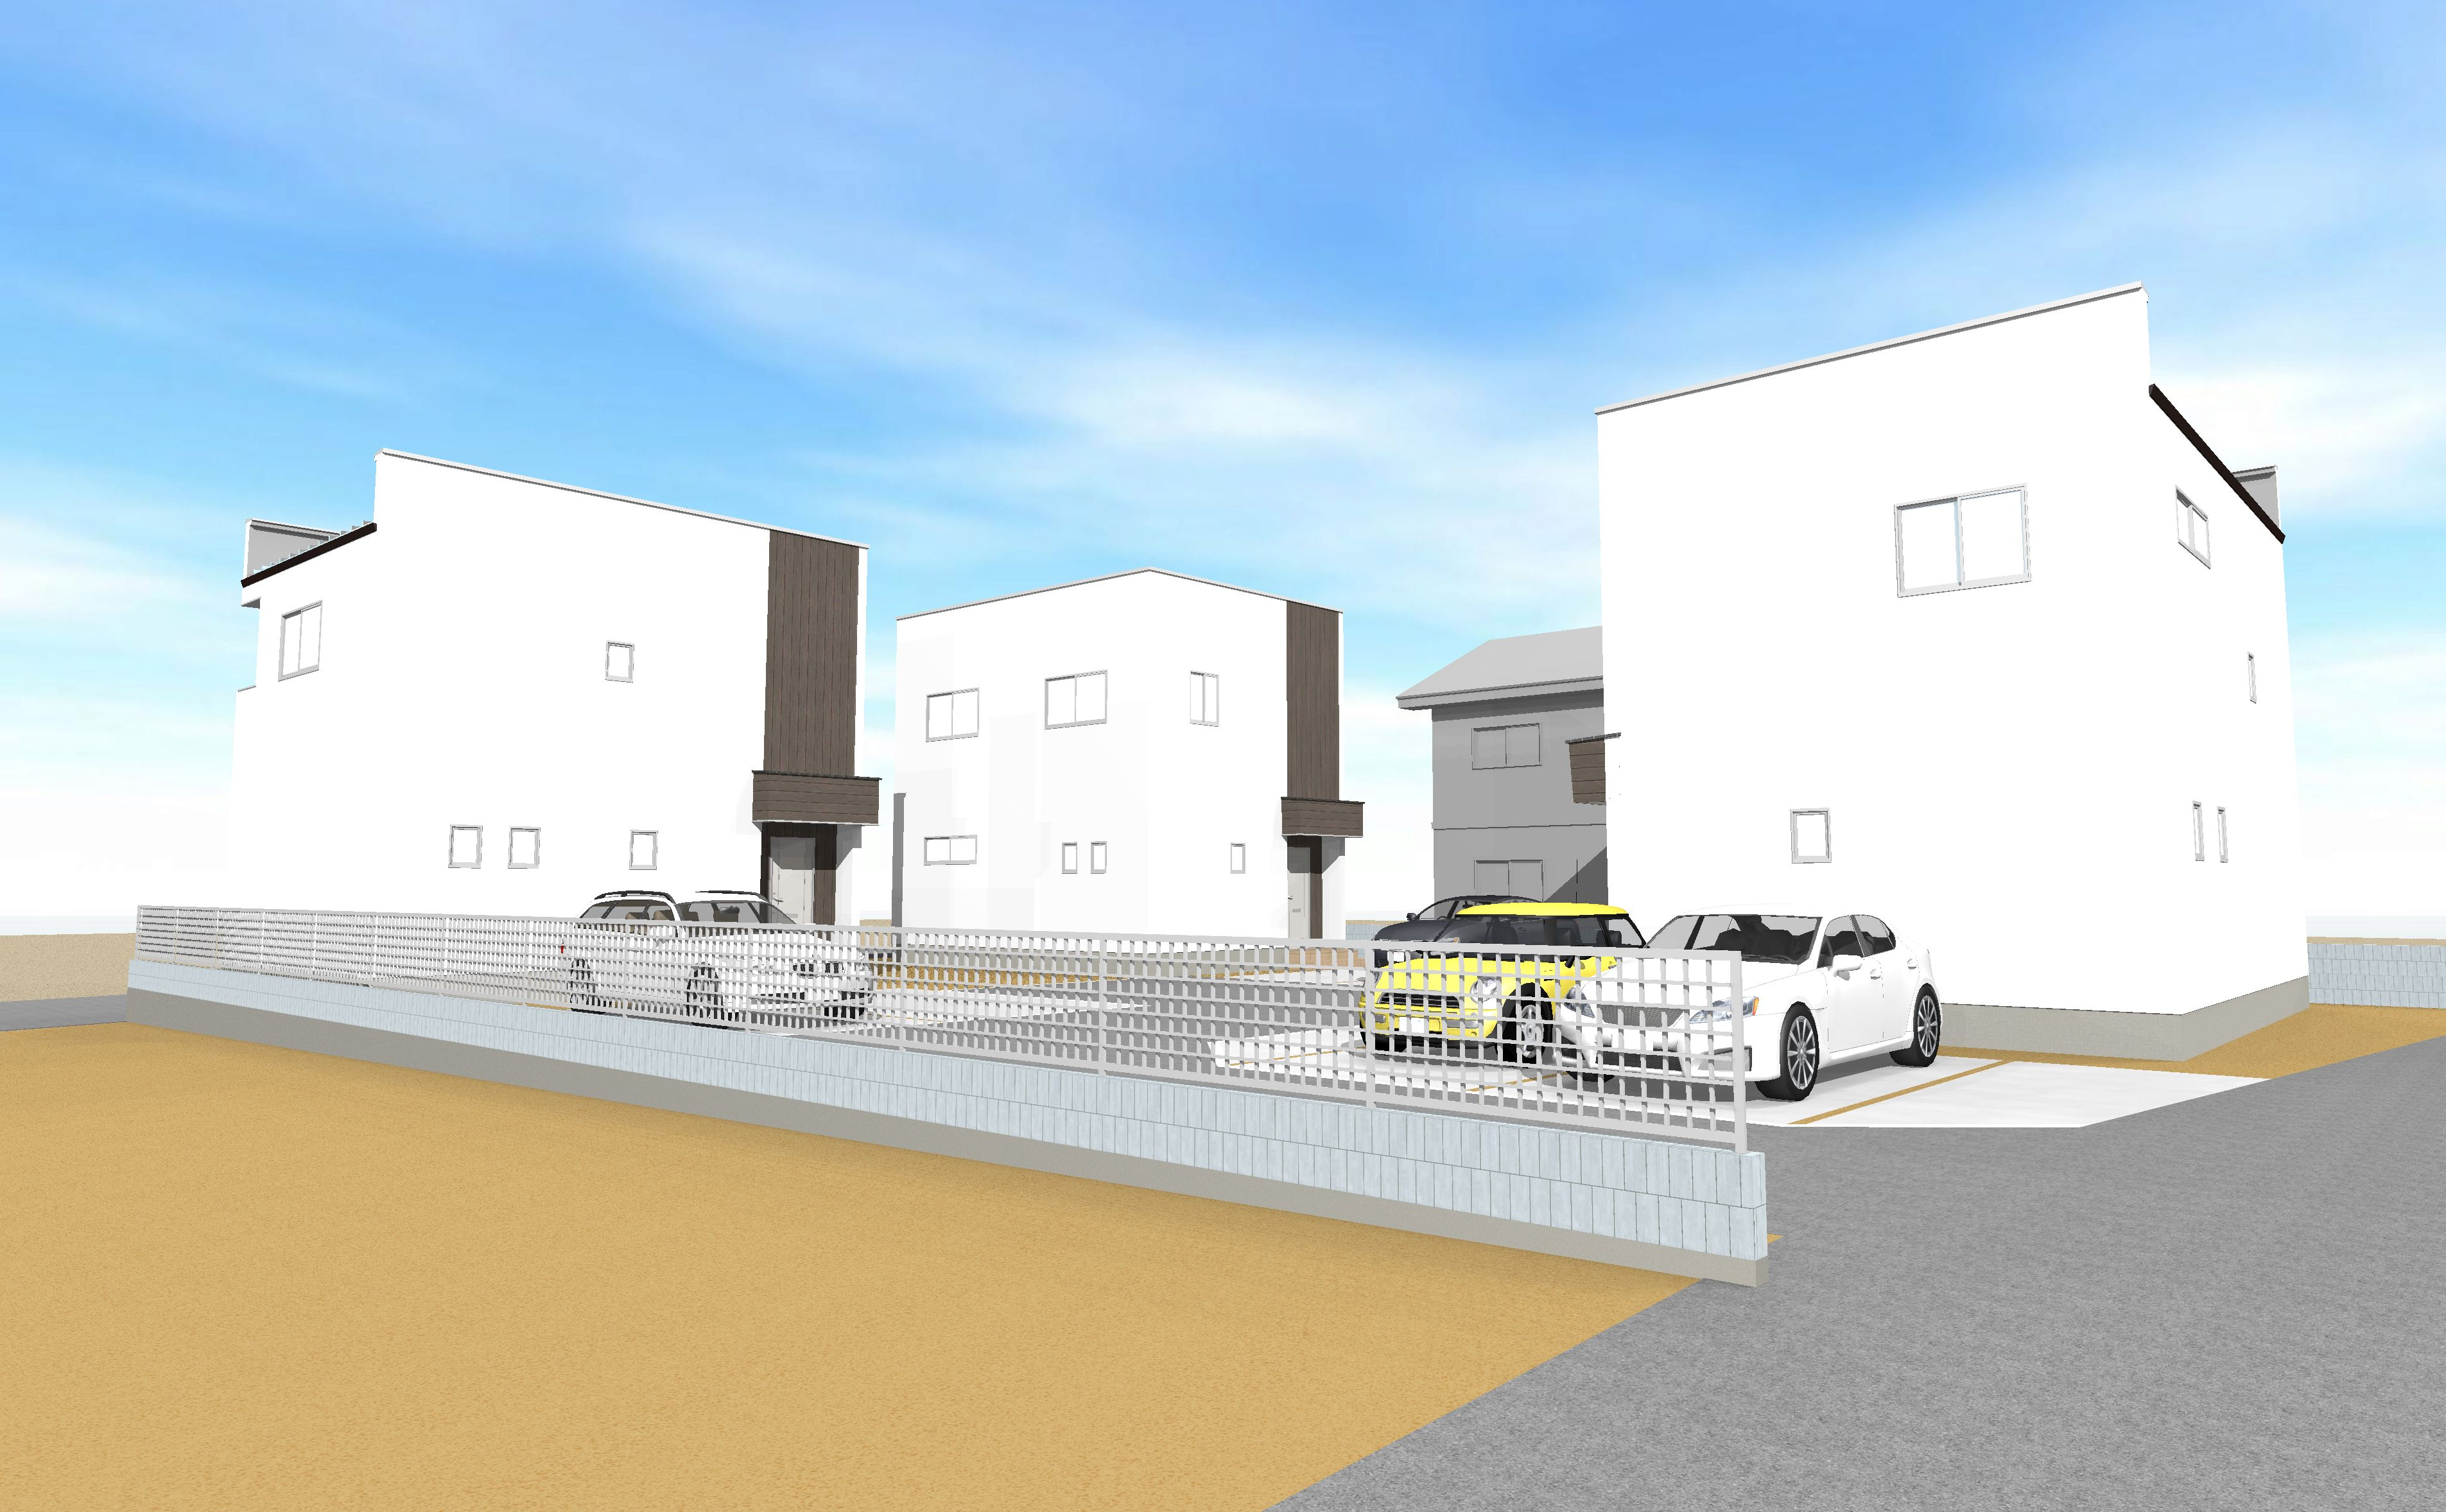 高崎駅から車で10分以内のデザイナーズ戸建賃貸住宅パルティータ